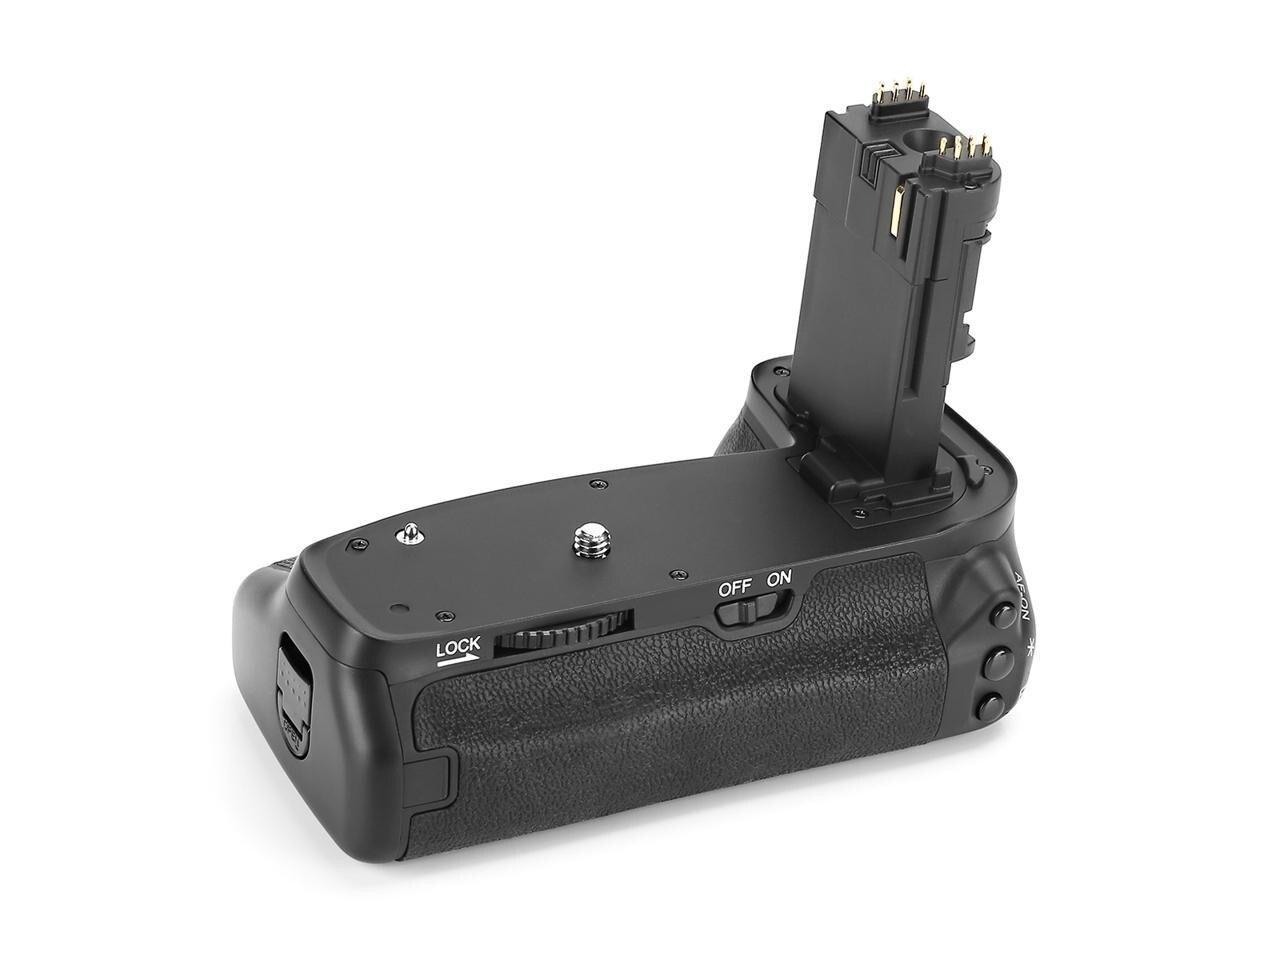 Meike MK-6D2 Pro poignée de batterie intégré 2.4 GHz télécommande fonction de prise de vue verticale pour Canon 6D Mark II